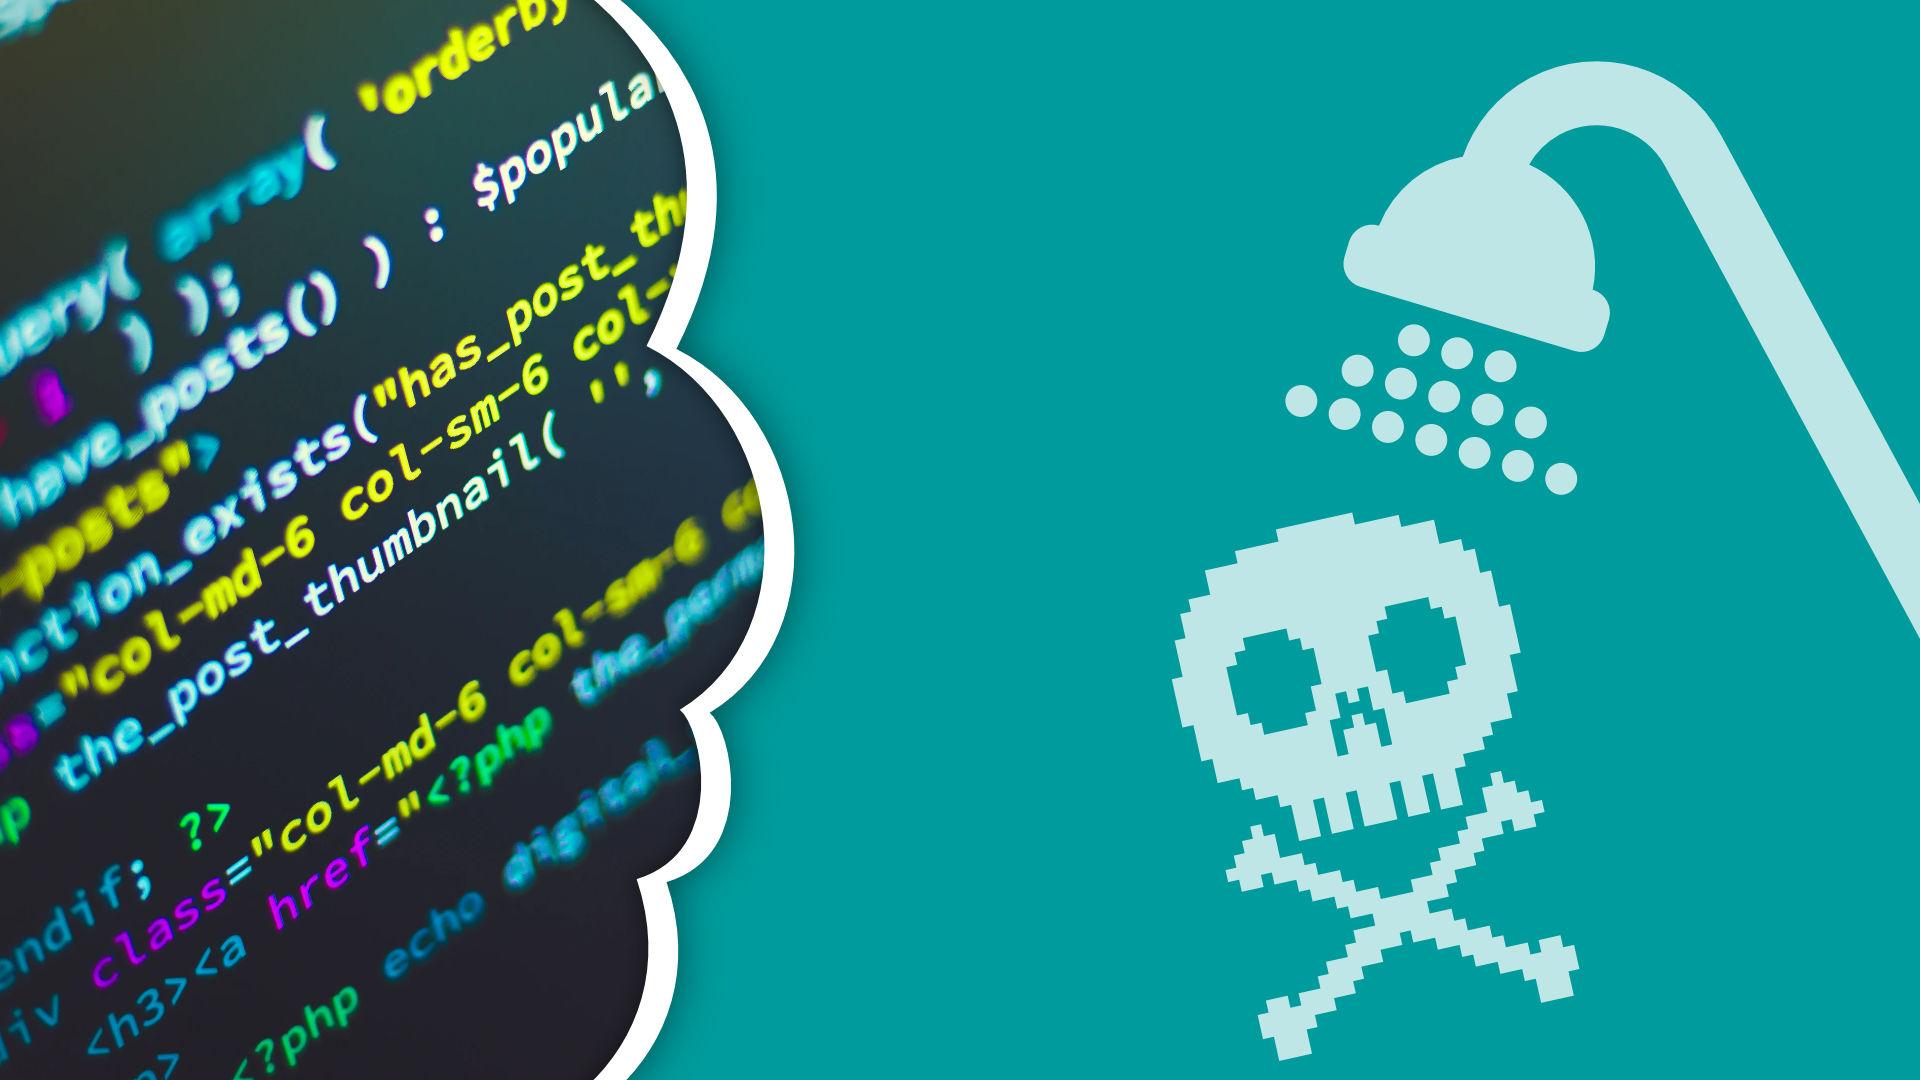 Clean hacked infected wordpress website